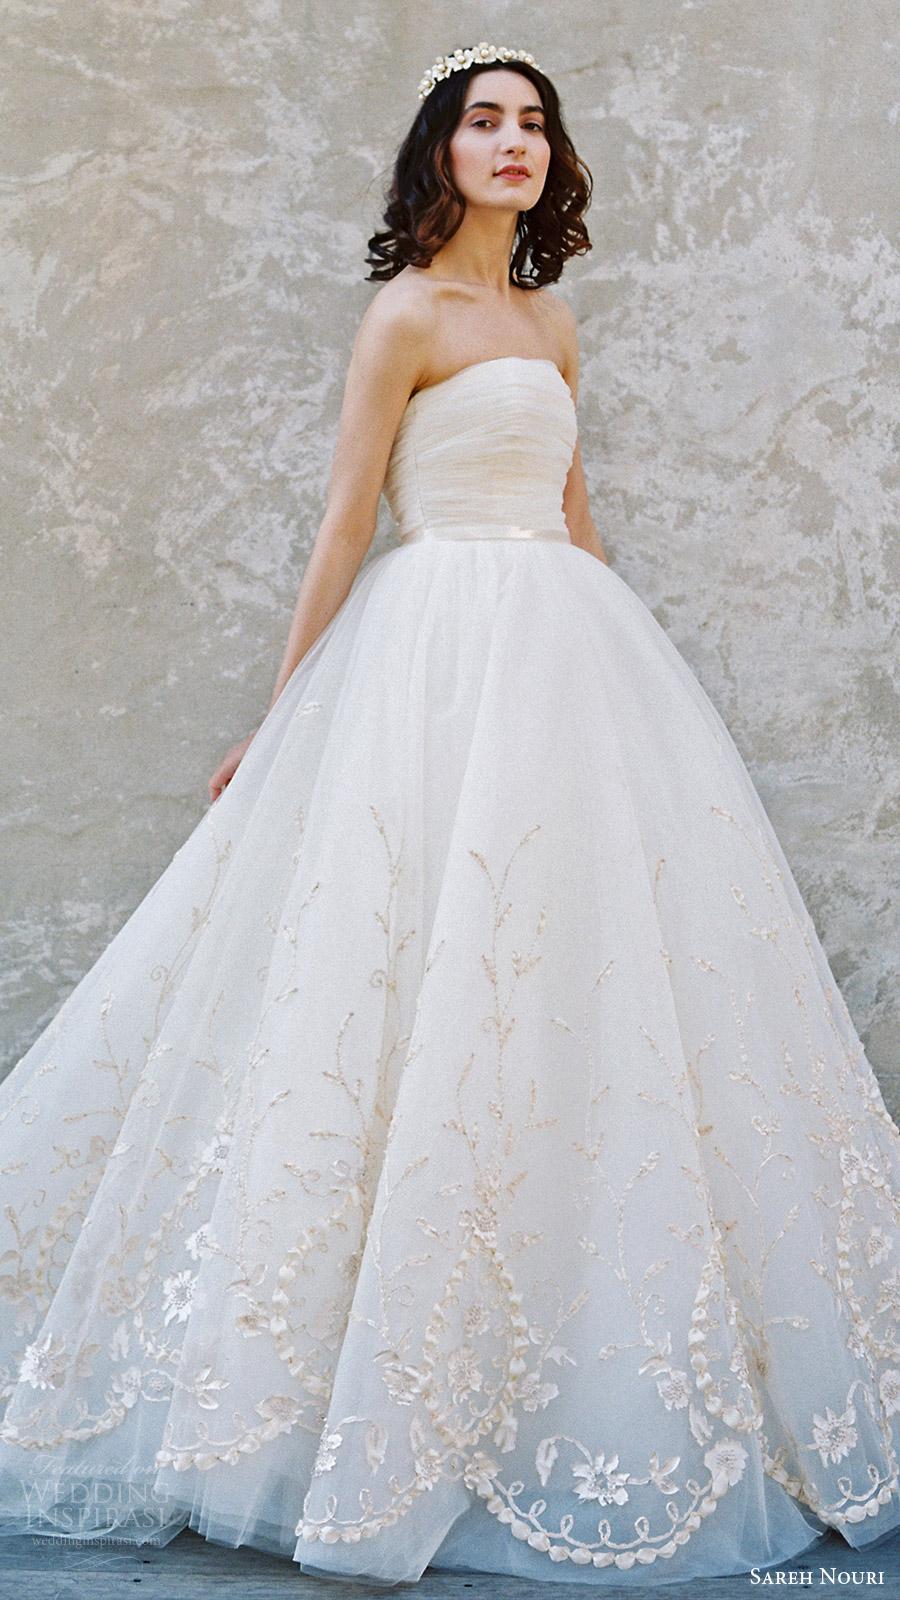 Sareh Nouri Bridal Spring 2017 Wedding Dresses  Wedding Inspirasi